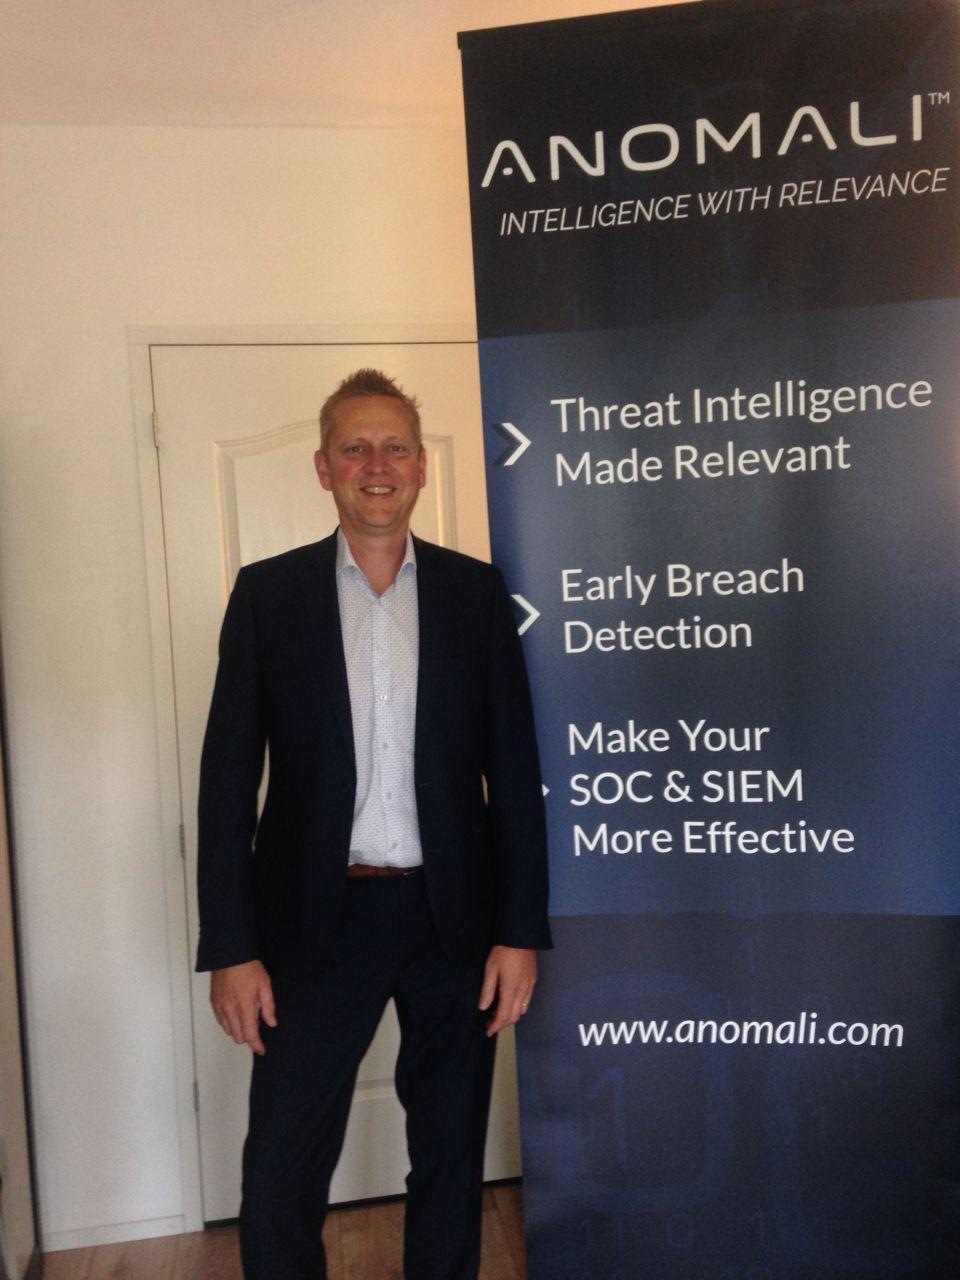 Anomali New HSD Premium Partner